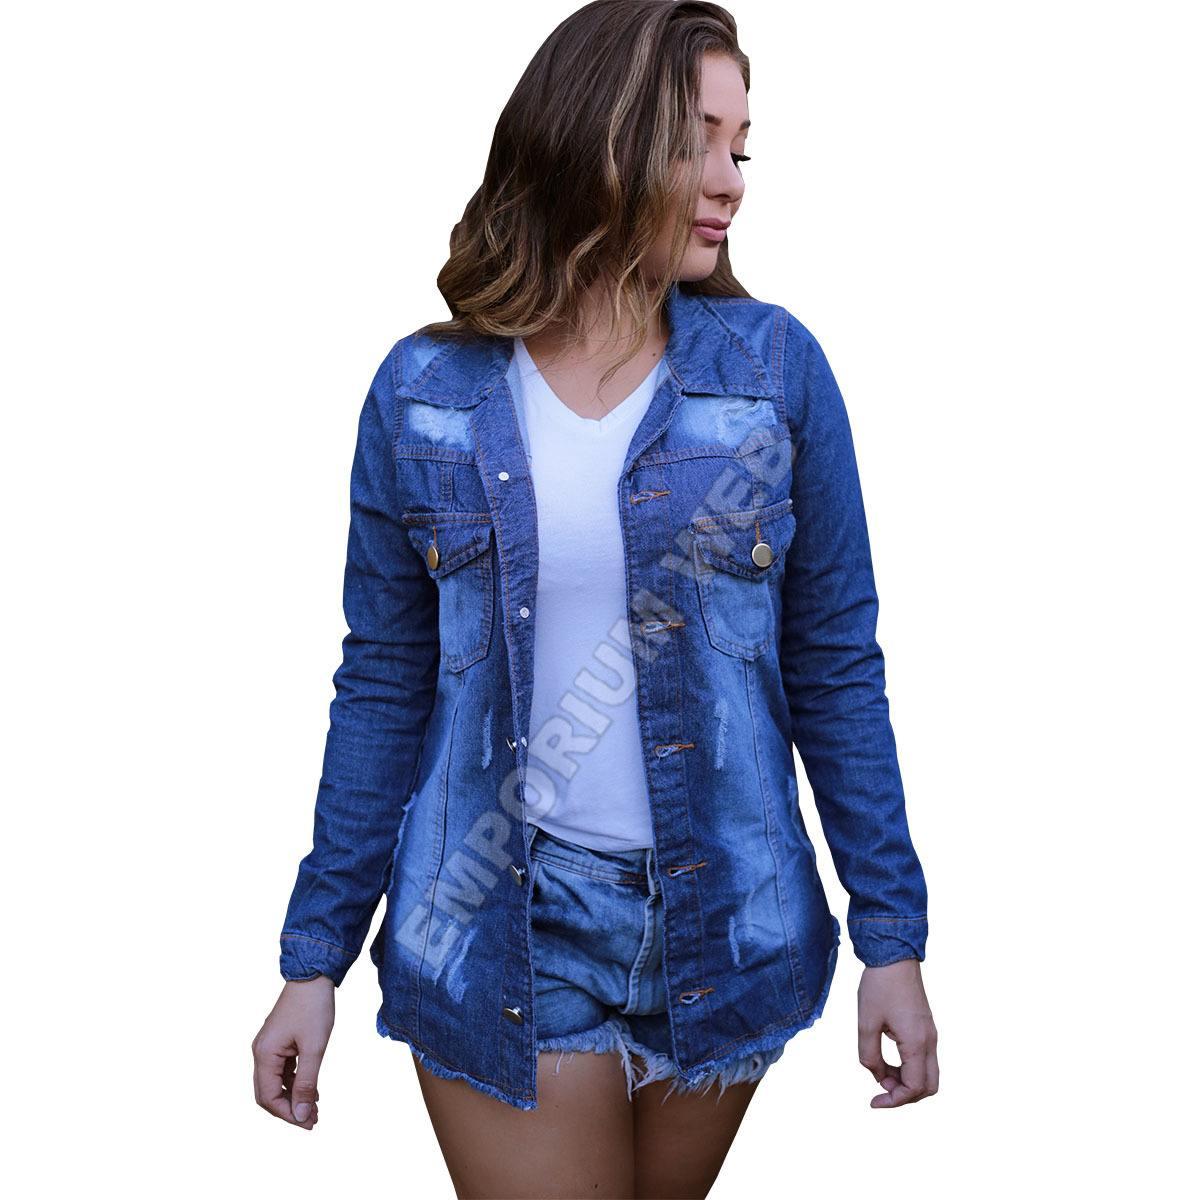 Max Jaqueta Jeans Feminino Destroyed / Desfiado / Rasgado - Azul Escuro